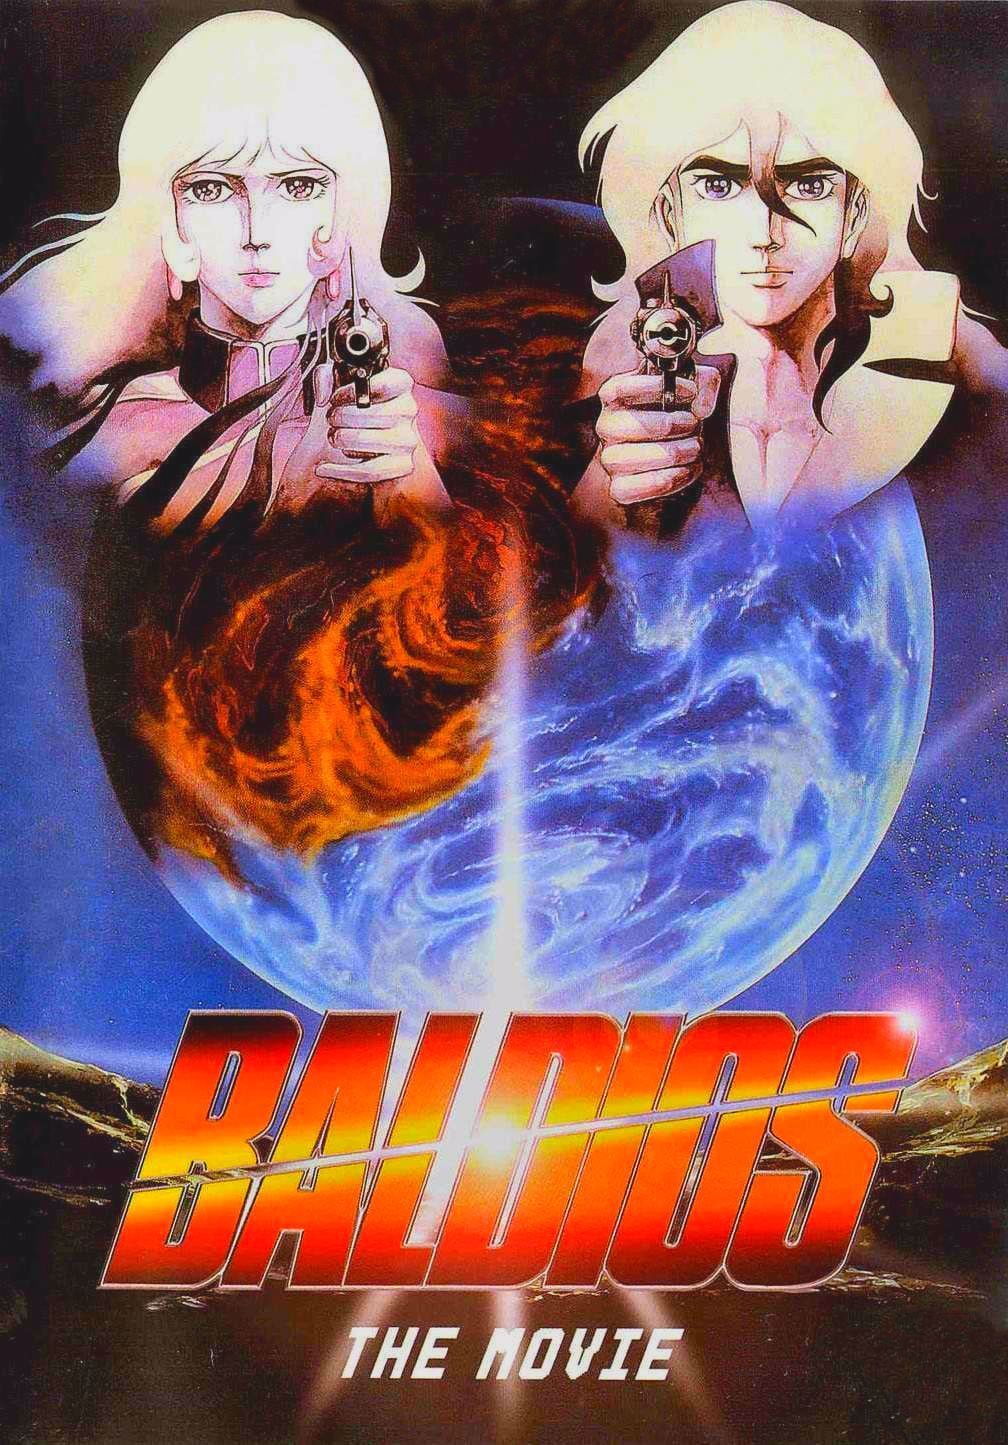 [1981] Baldios Os Guerreiros do Espaço in 2020 Space